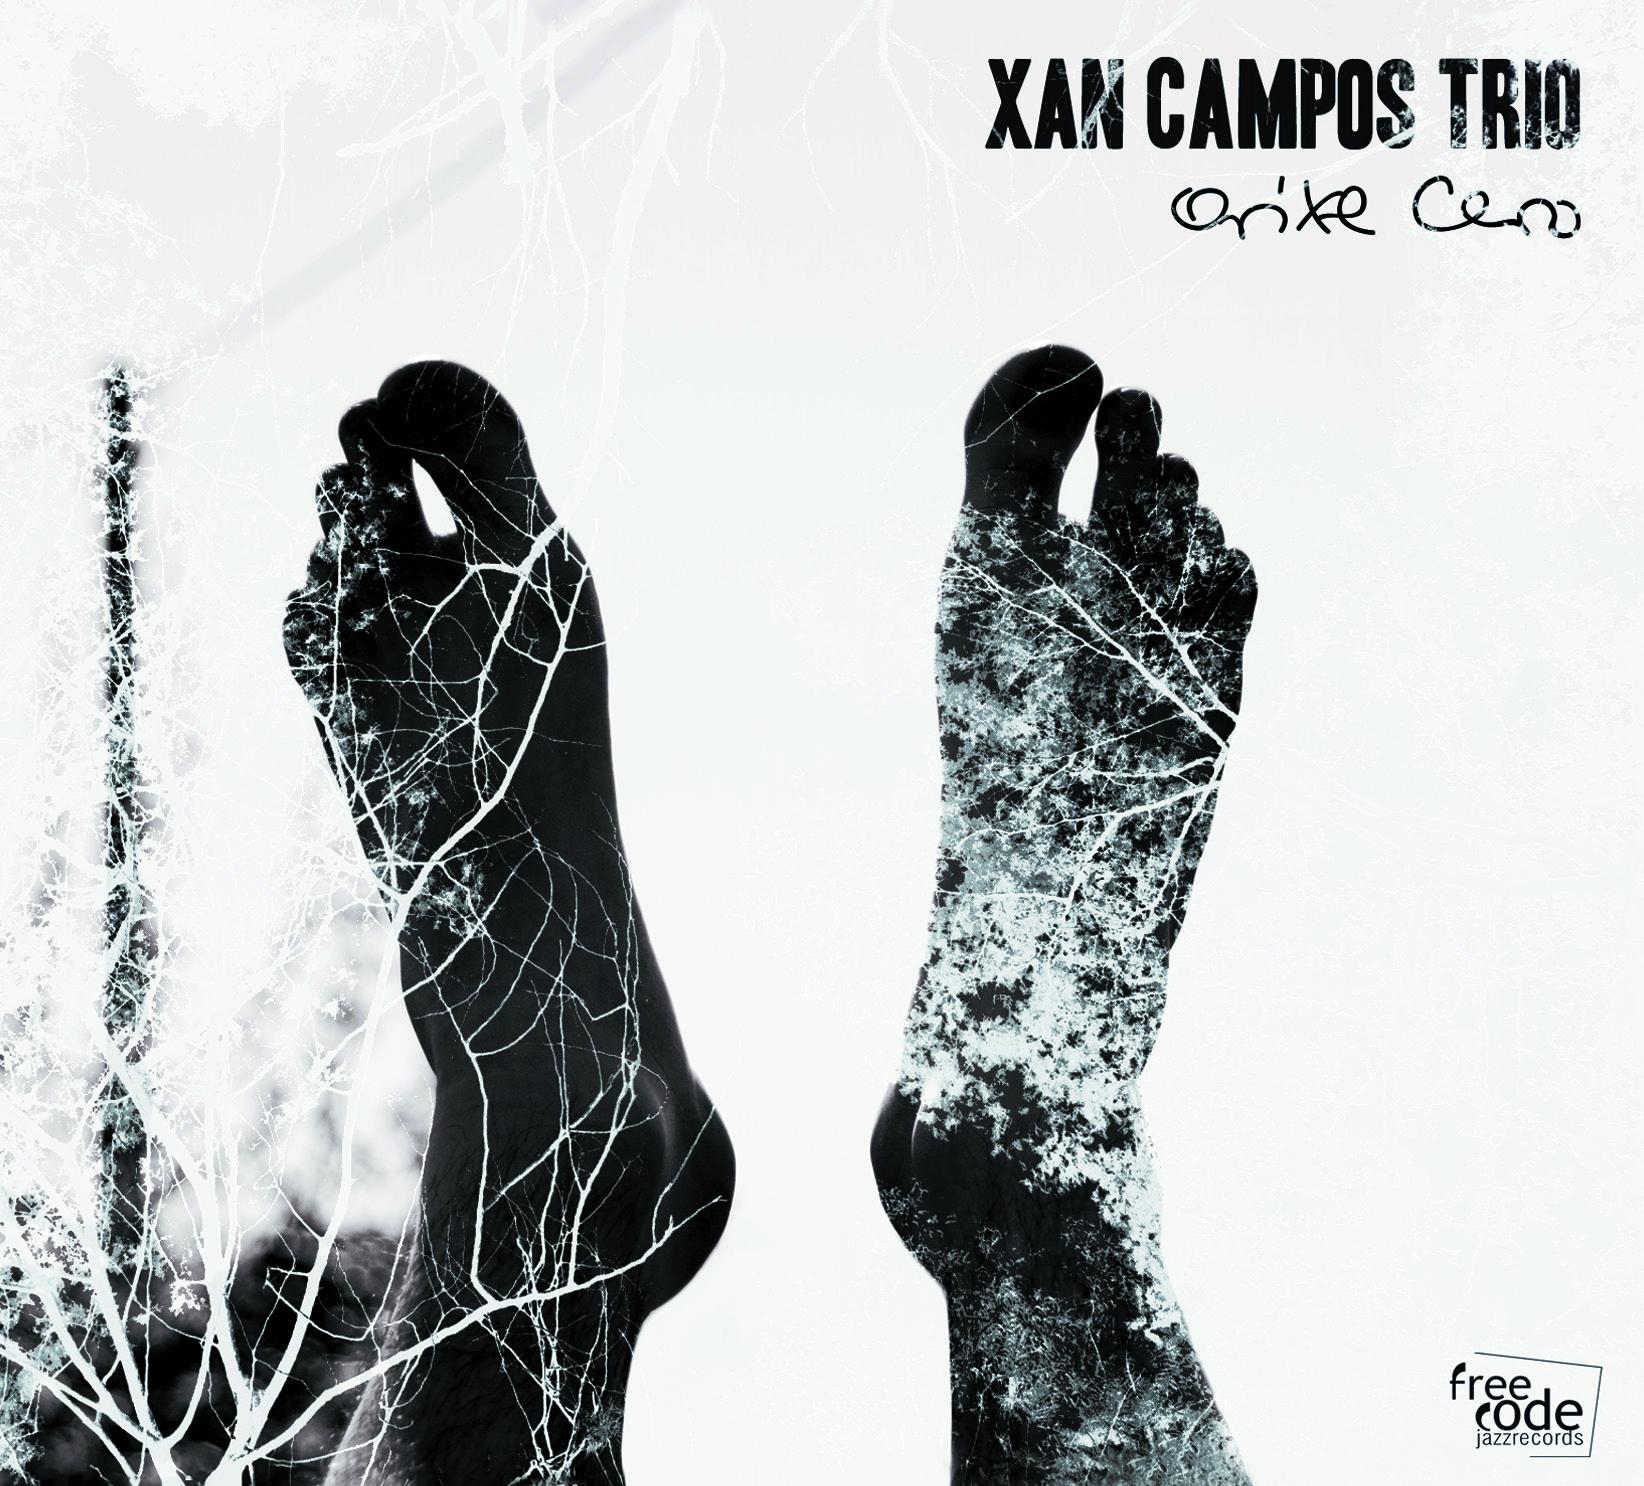 Orixe Cero by Xan Campos